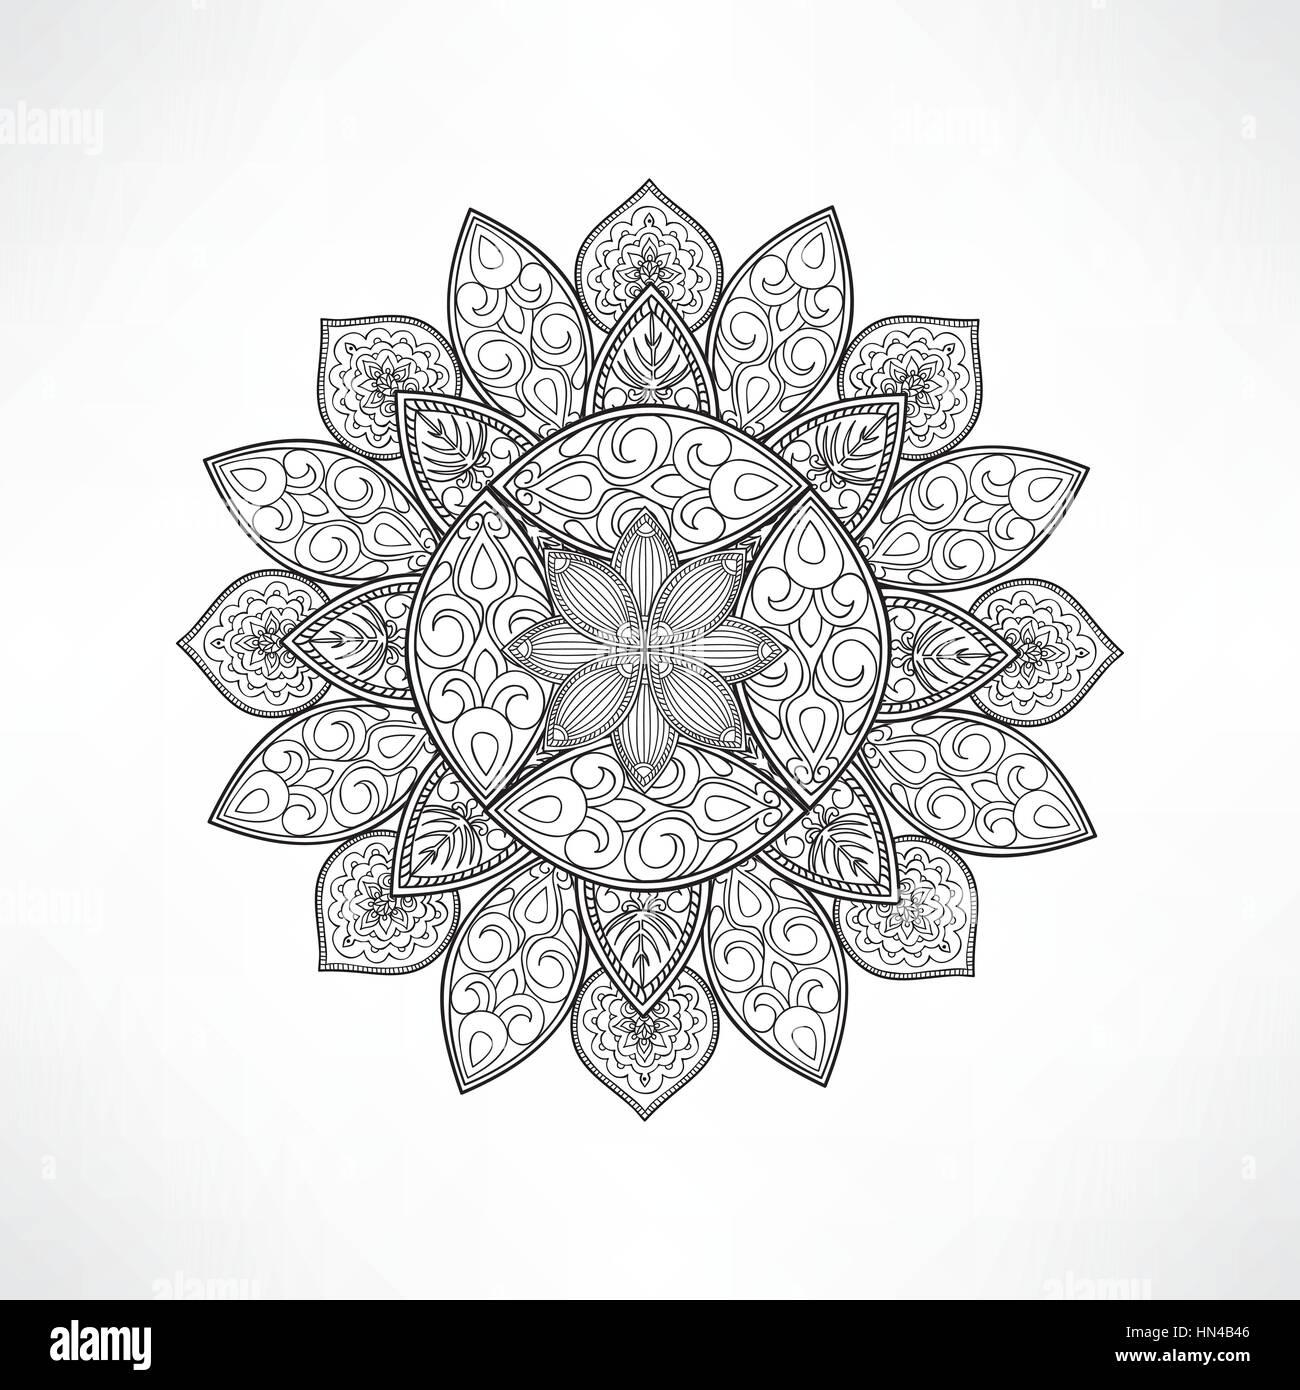 Pour Colorier Mandala Fleur Geometrique Mandala Coloriage Mandala